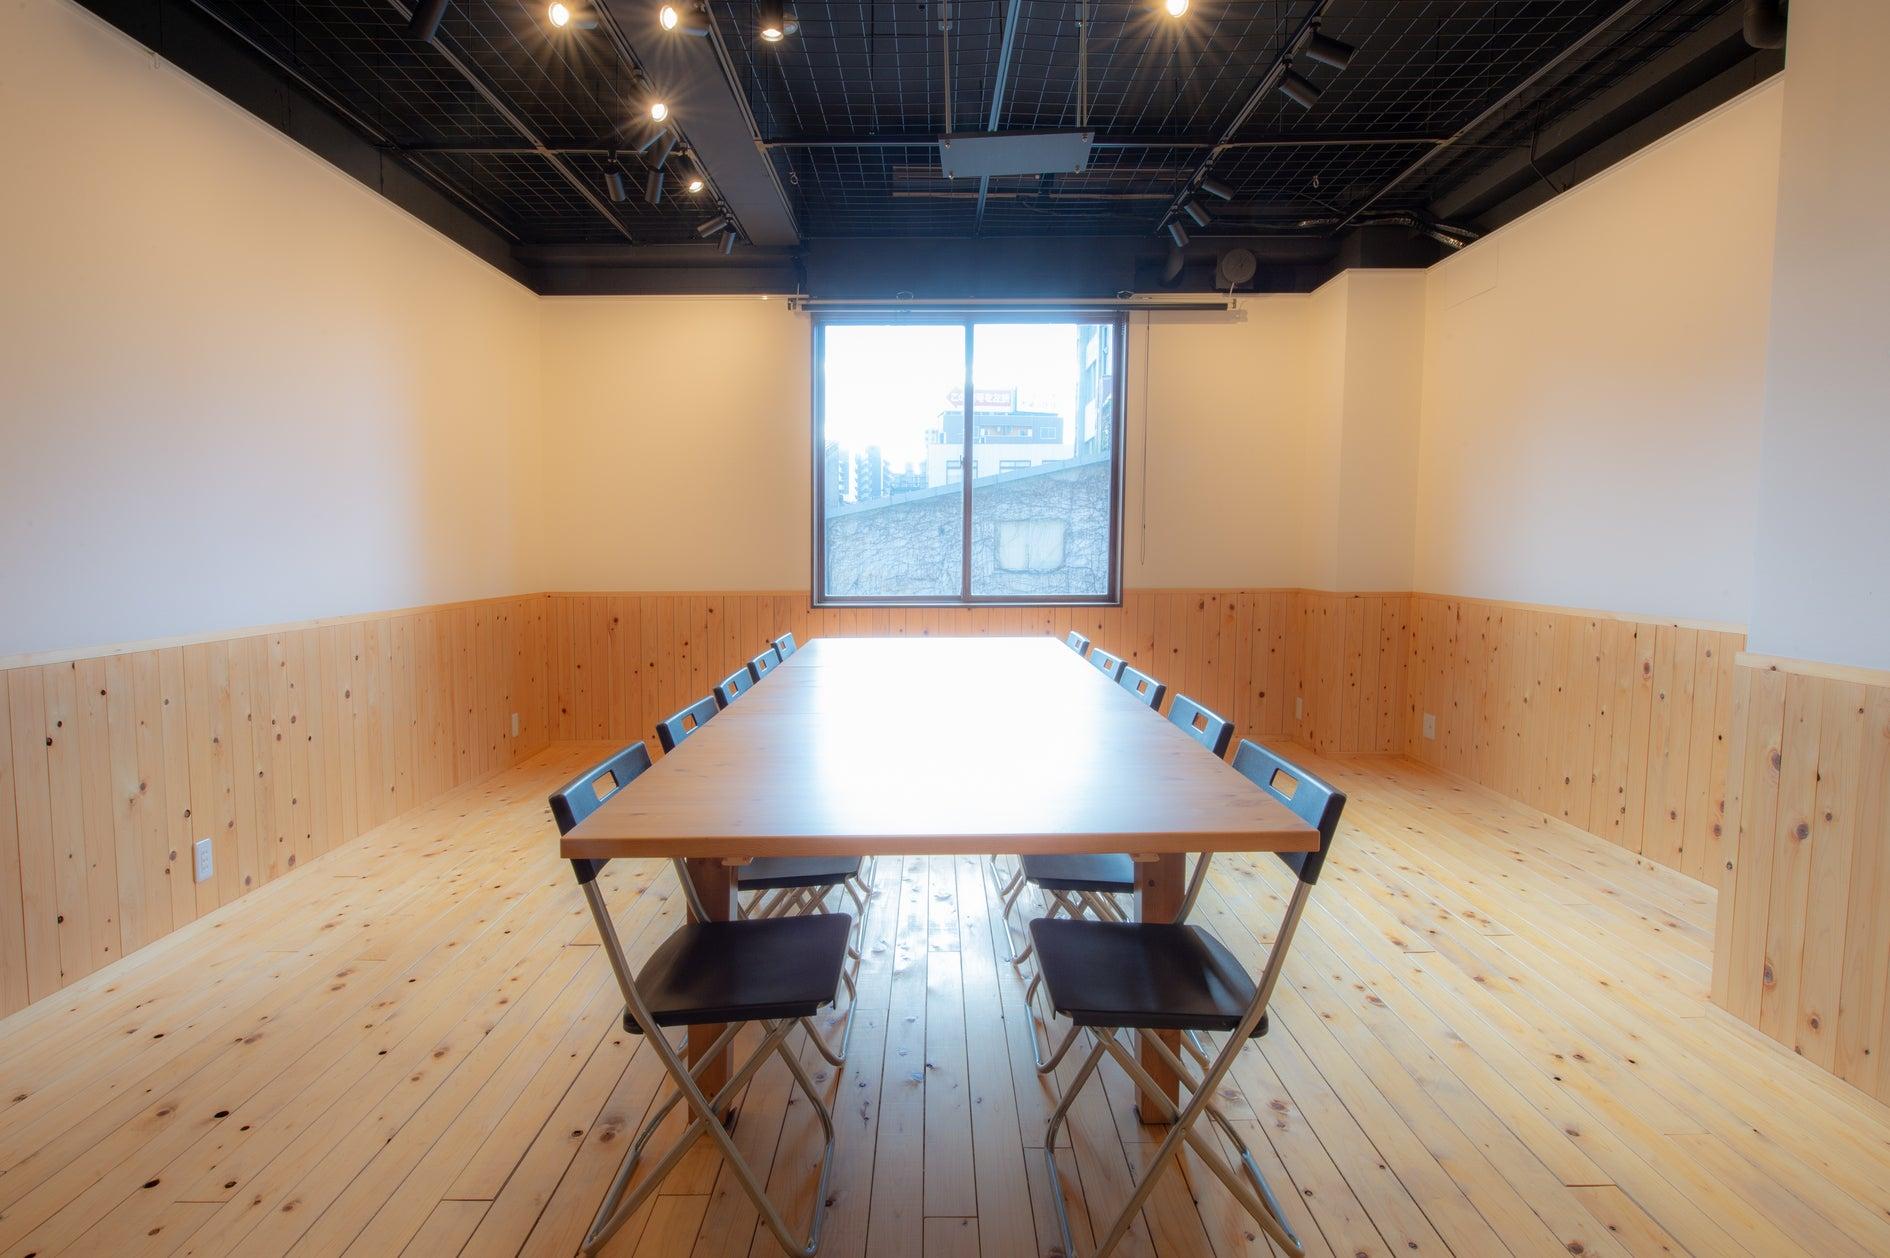 会議・ミーティング 使用例です 10人掛けのテーブルと椅子を無料にてお使いいただけます